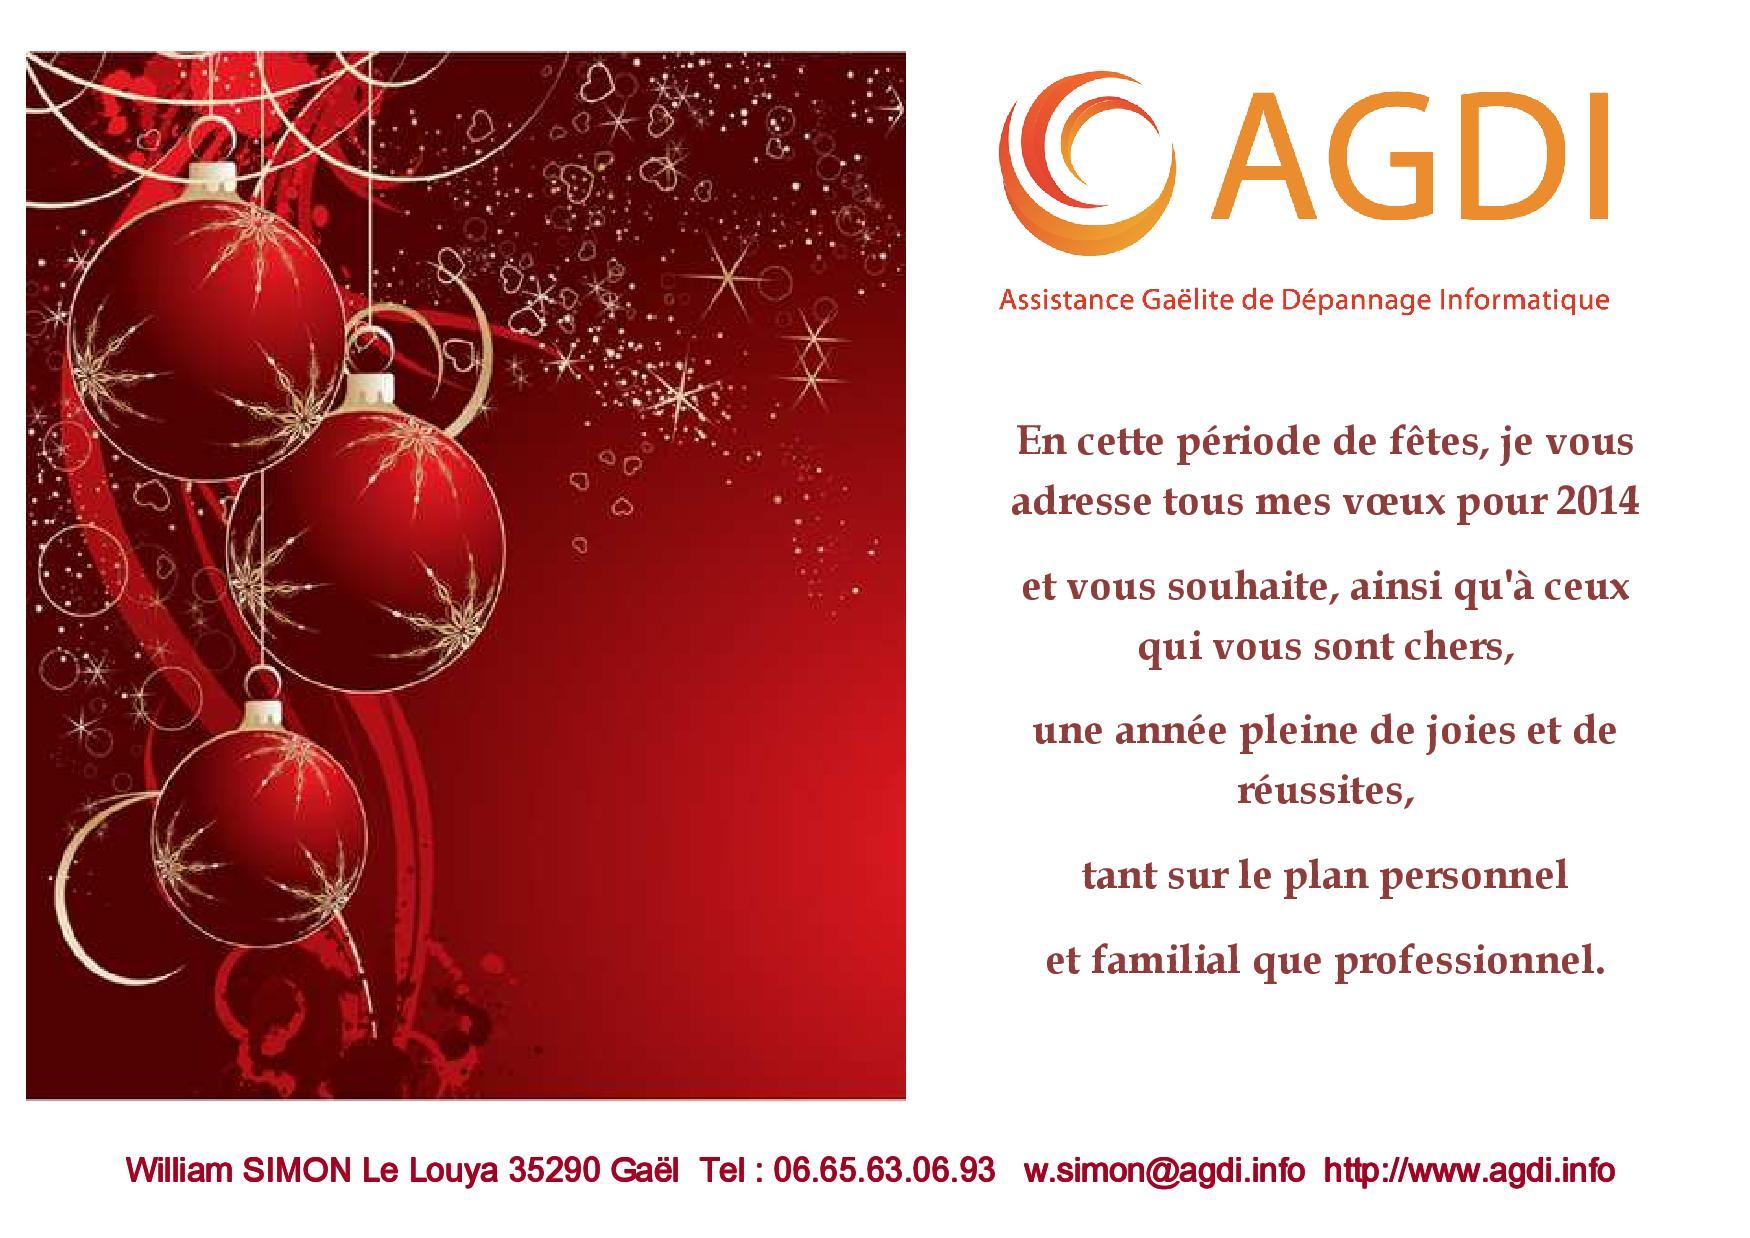 AGDI 2014